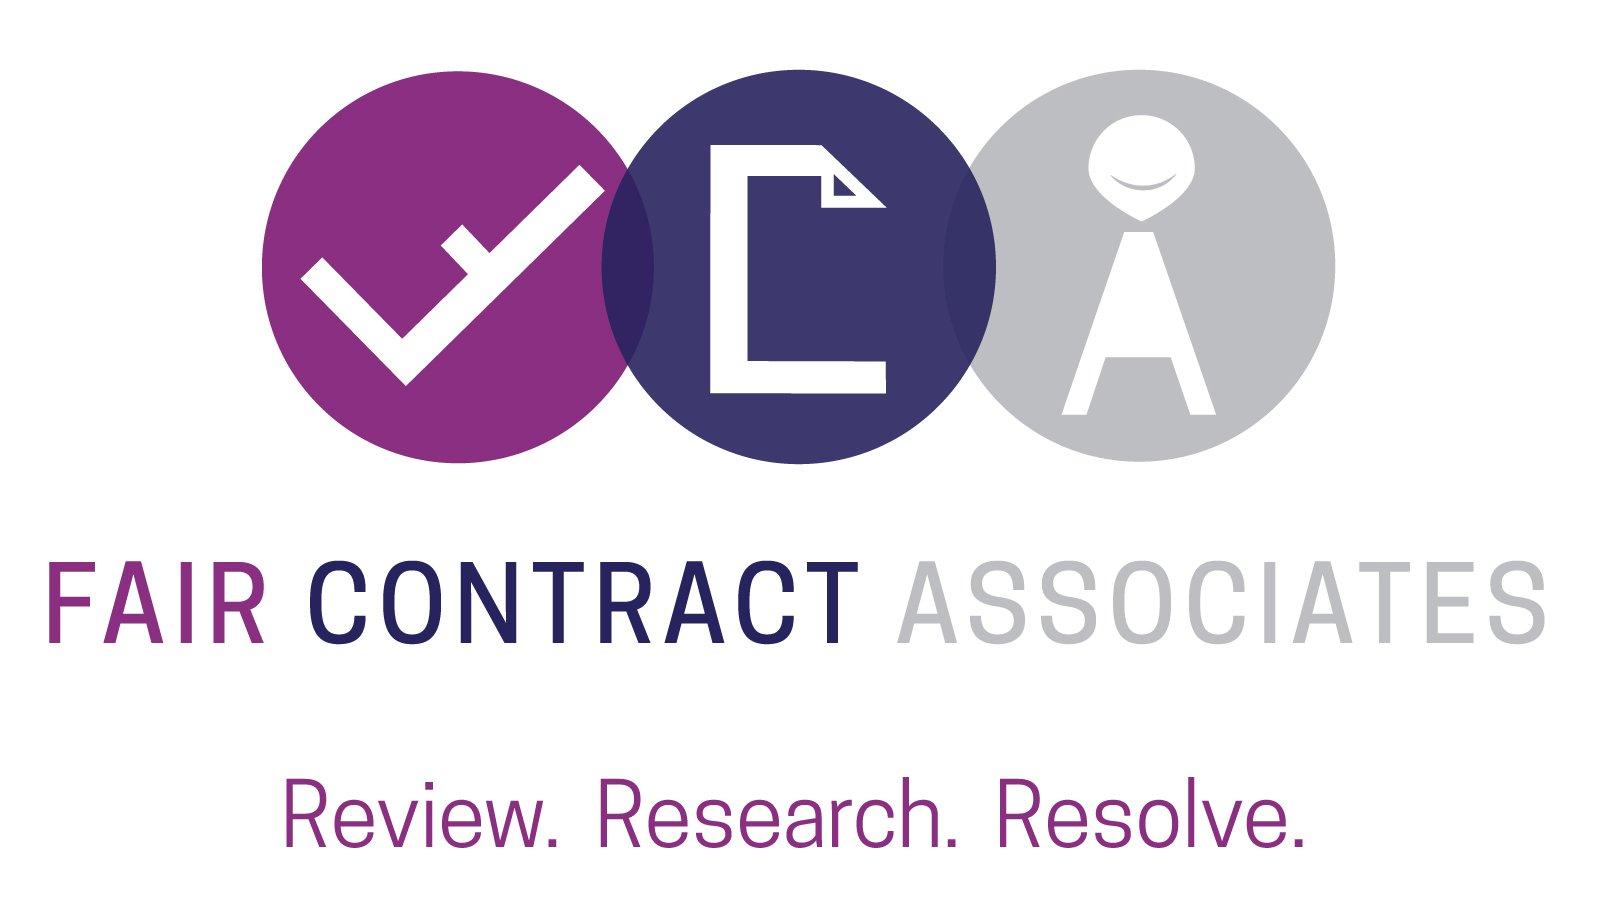 fca-logo-2018-landscape